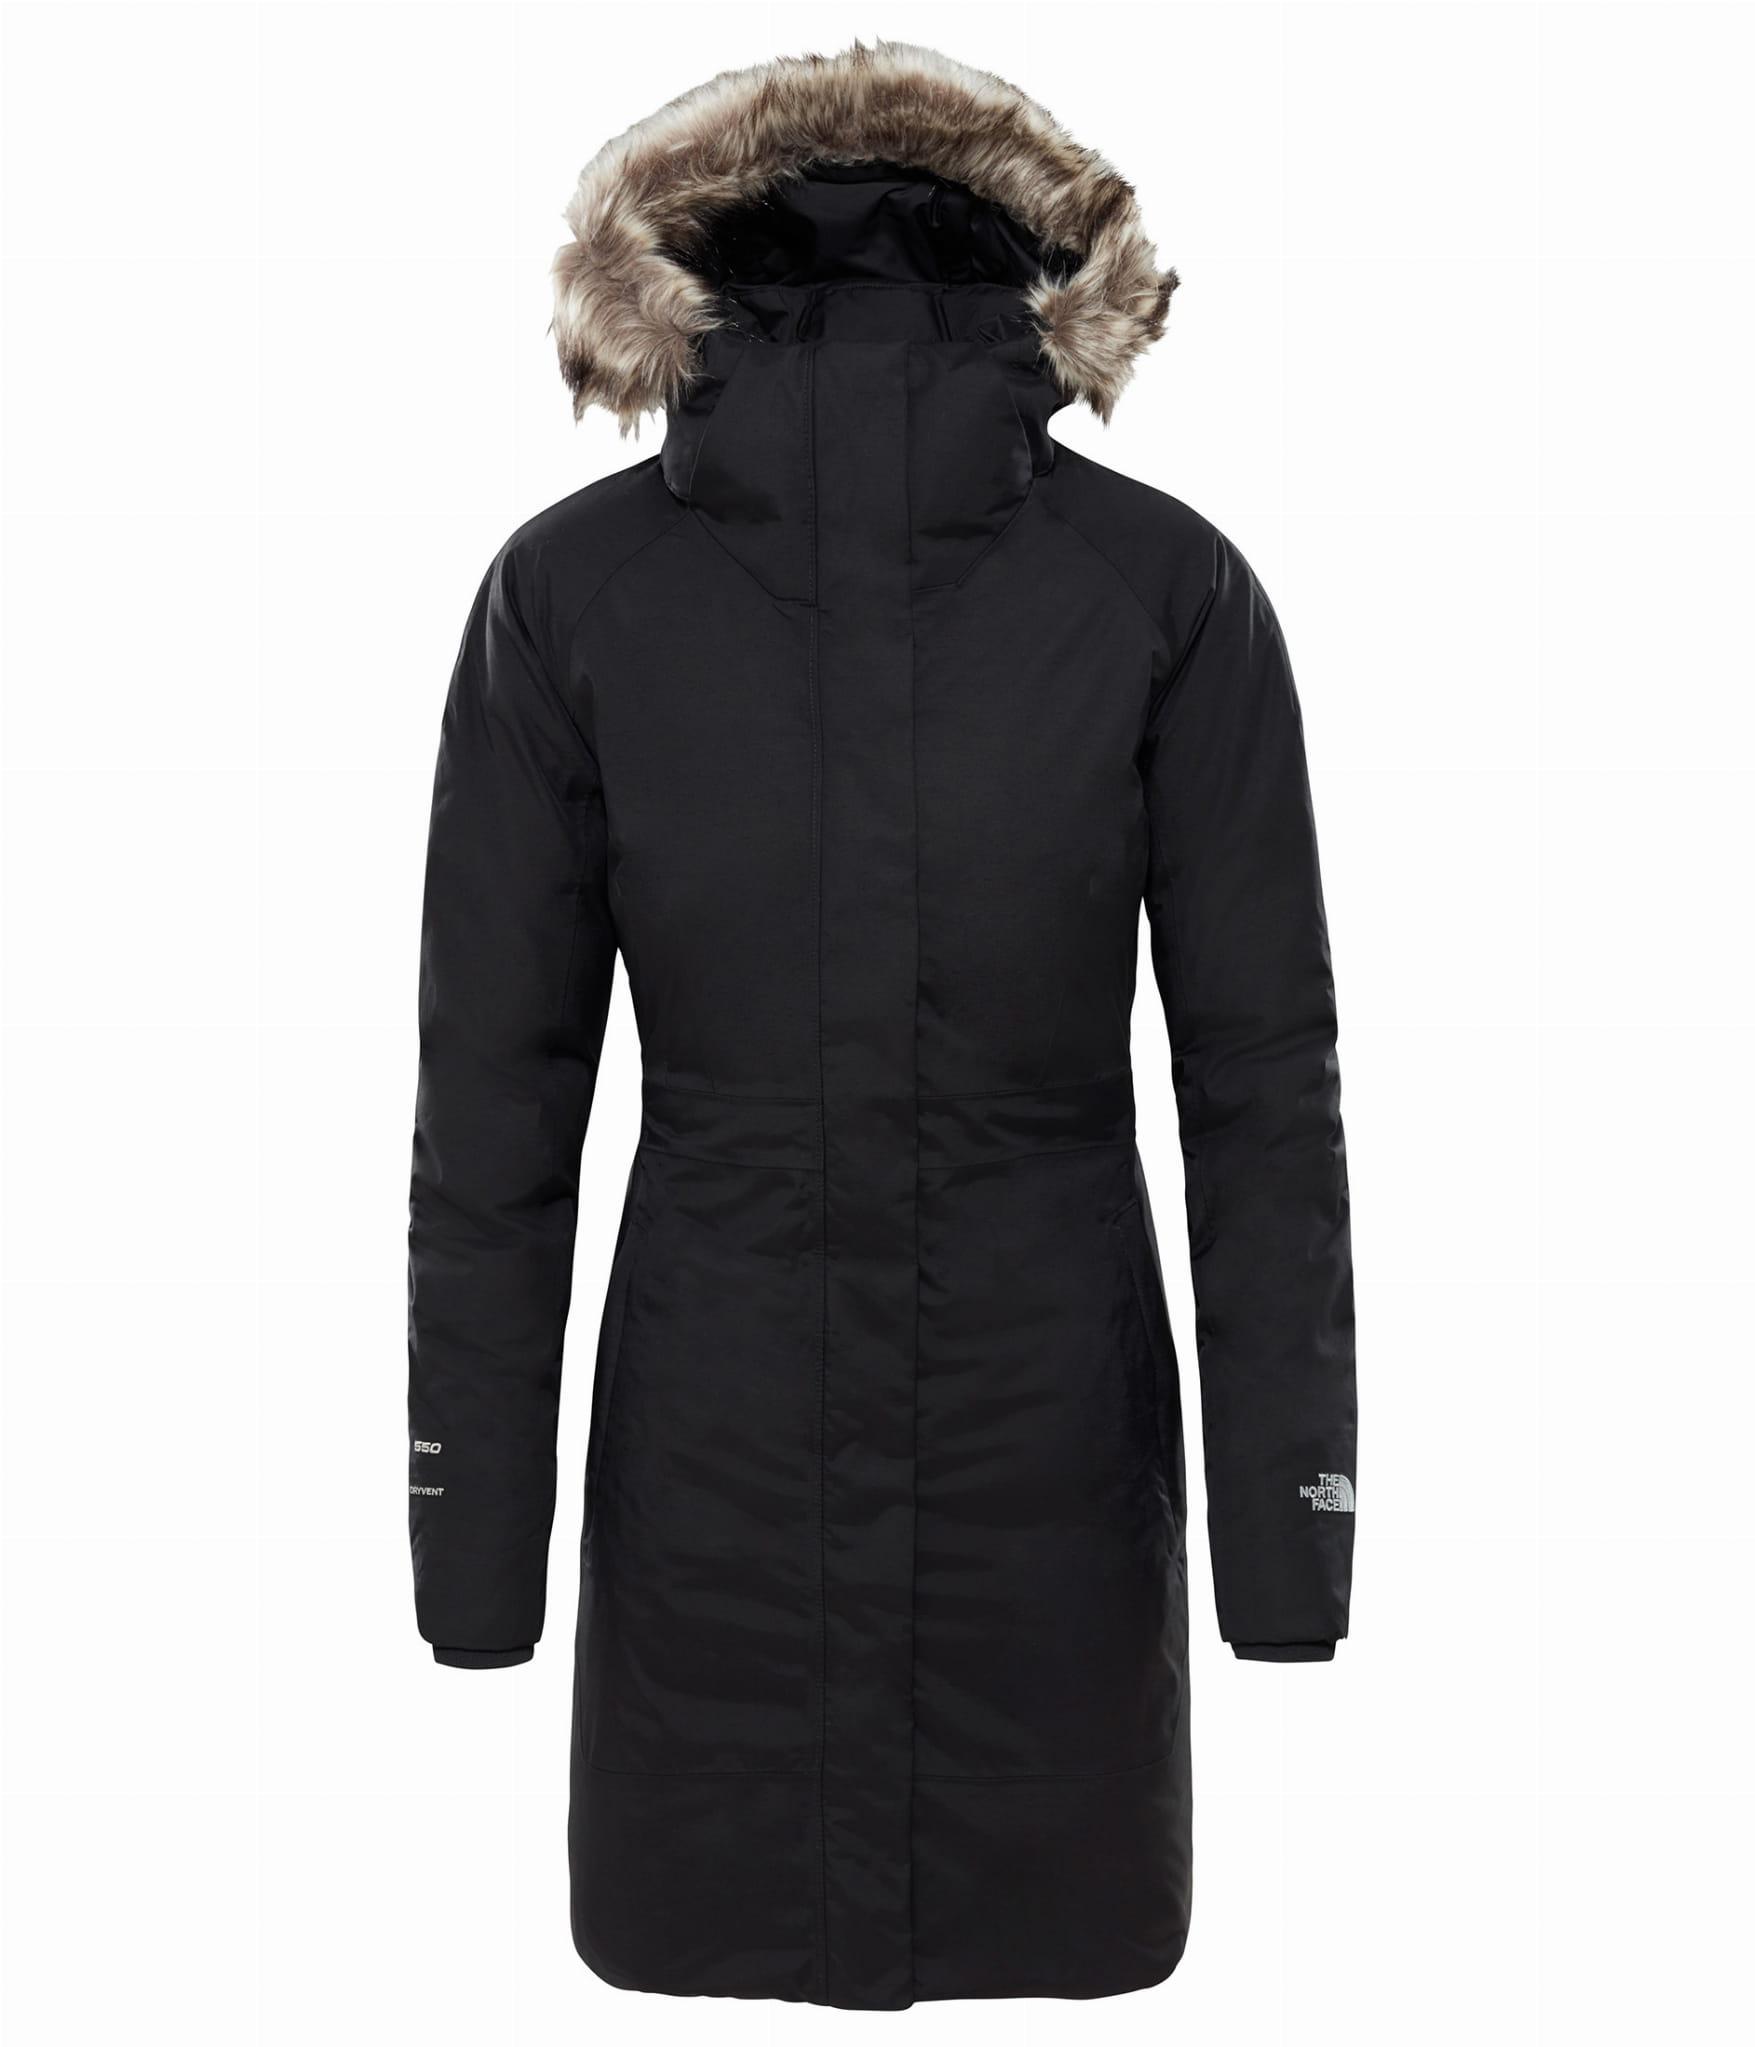 dobrze znany rozsądna cena zamówienie Płaszcz Damski The North Face ARCTIC PARKA II tnf black